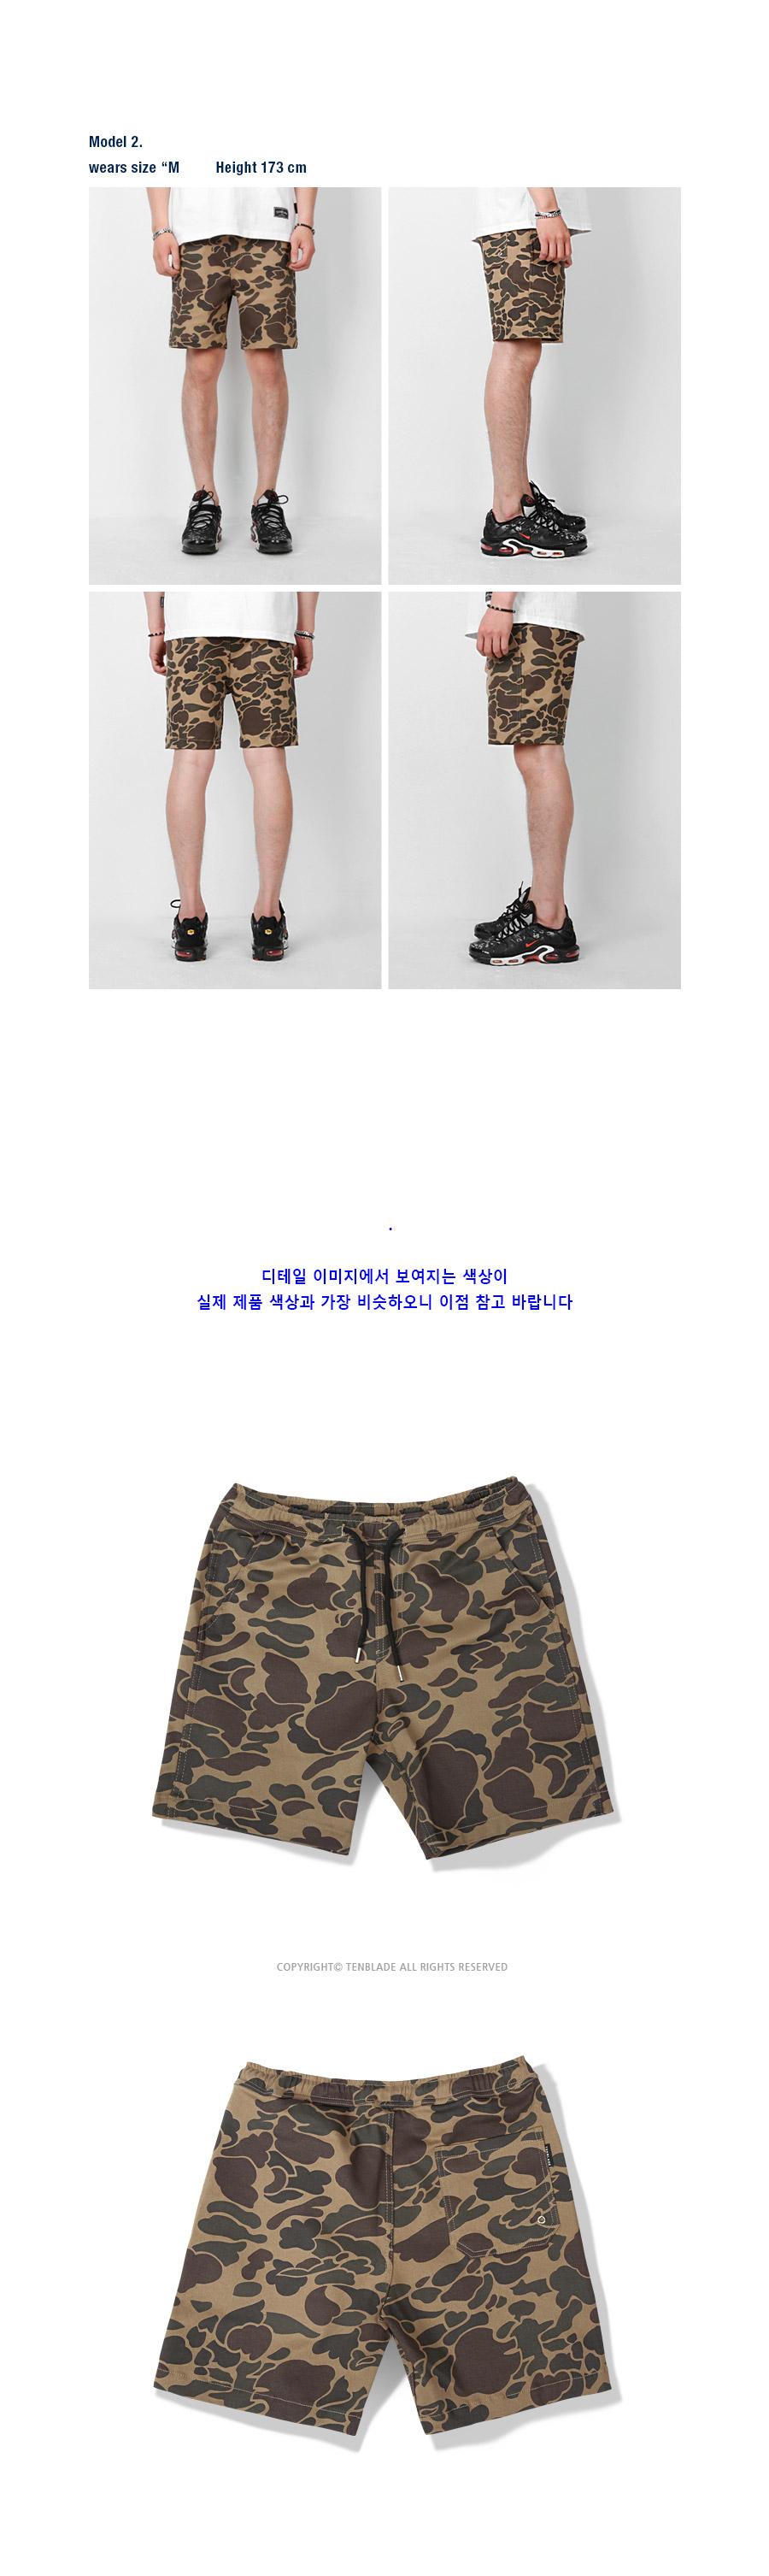 텐블레이드(TENBLADE) camouflage short pants tsp104af-beige